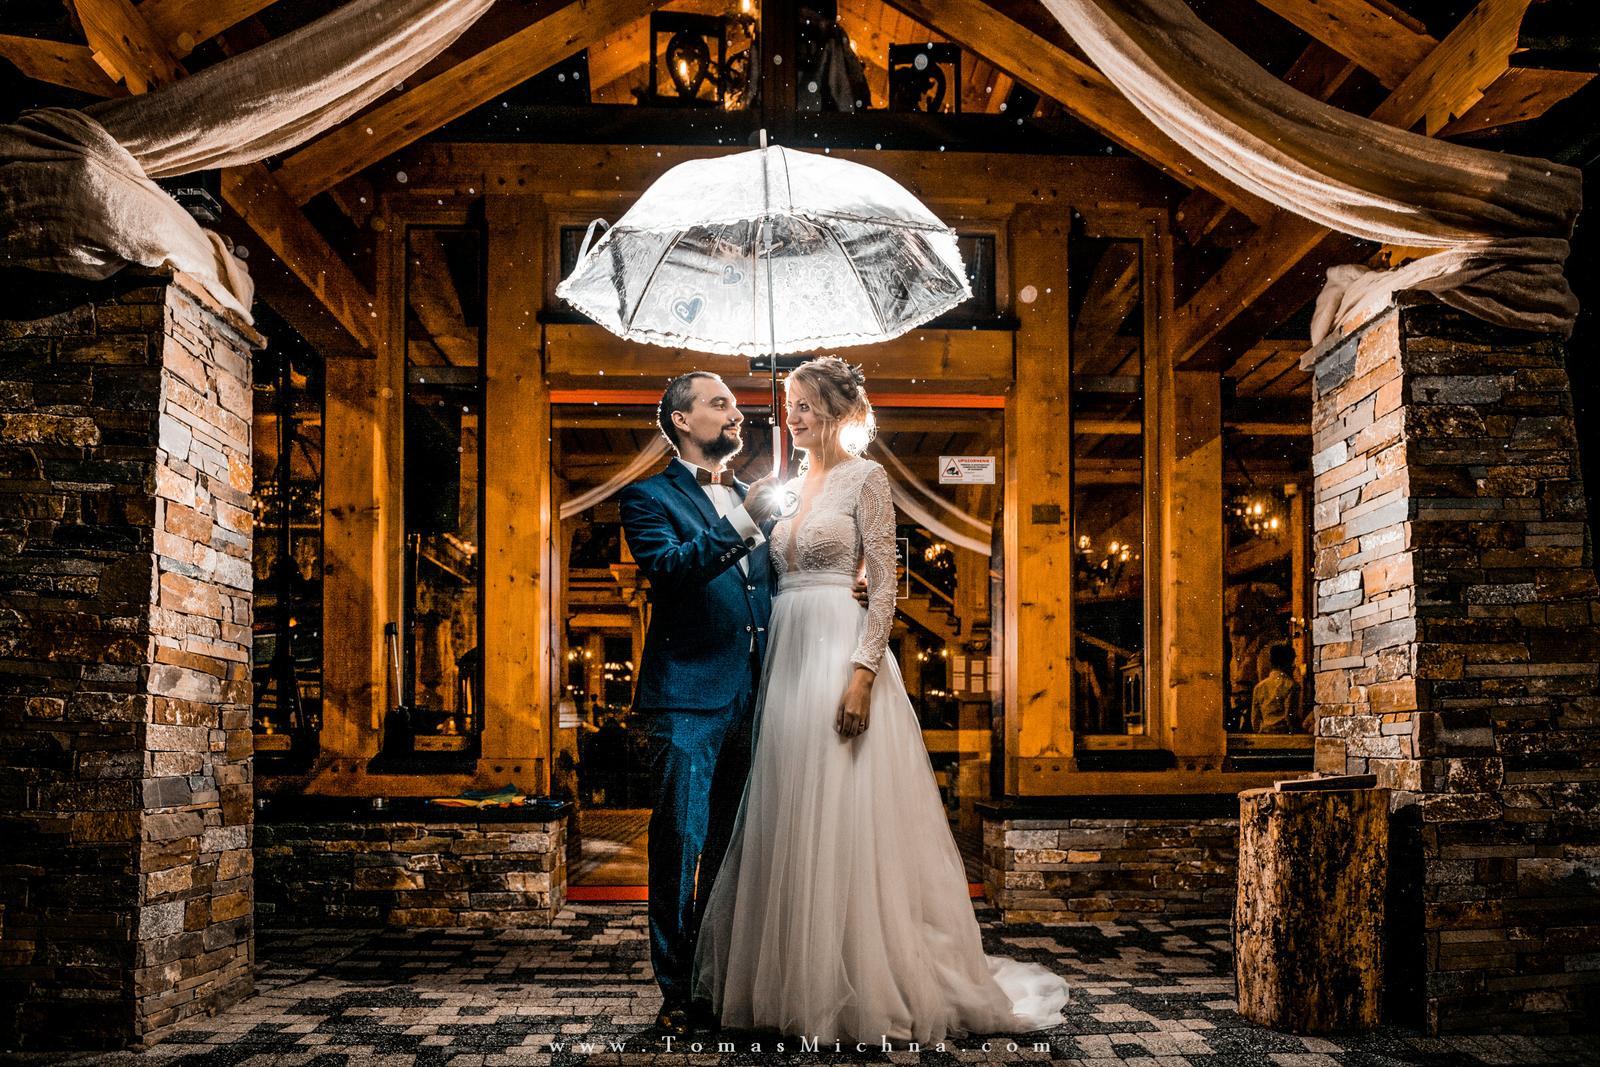 Svadba v Tatrách ♥ Katarína & Maťko ♥ 5.10.2019 - Obrázok č. 1